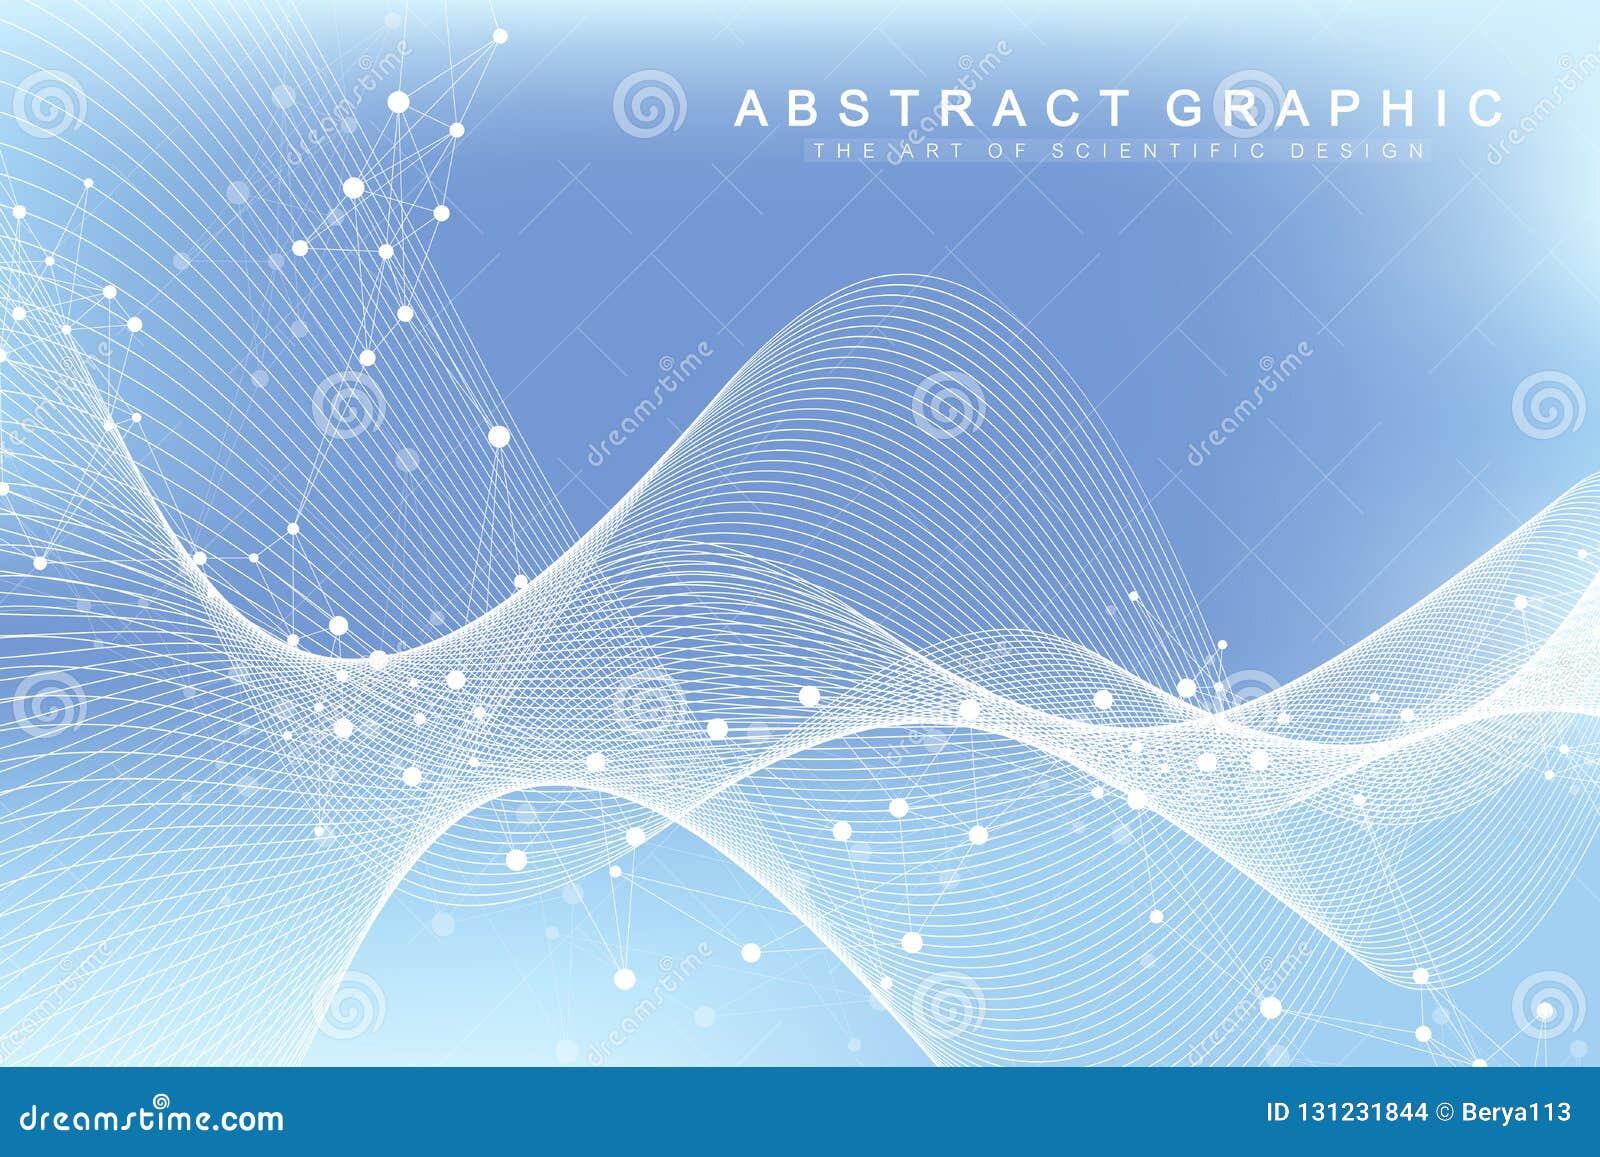 Γεωμετρικό αφηρημένο υπόβαθρο με τις συνδεδεμένα γραμμές και τα σημεία Ροή κυμάτων Υπόβαθρο μορίων και επικοινωνίας γραφικός